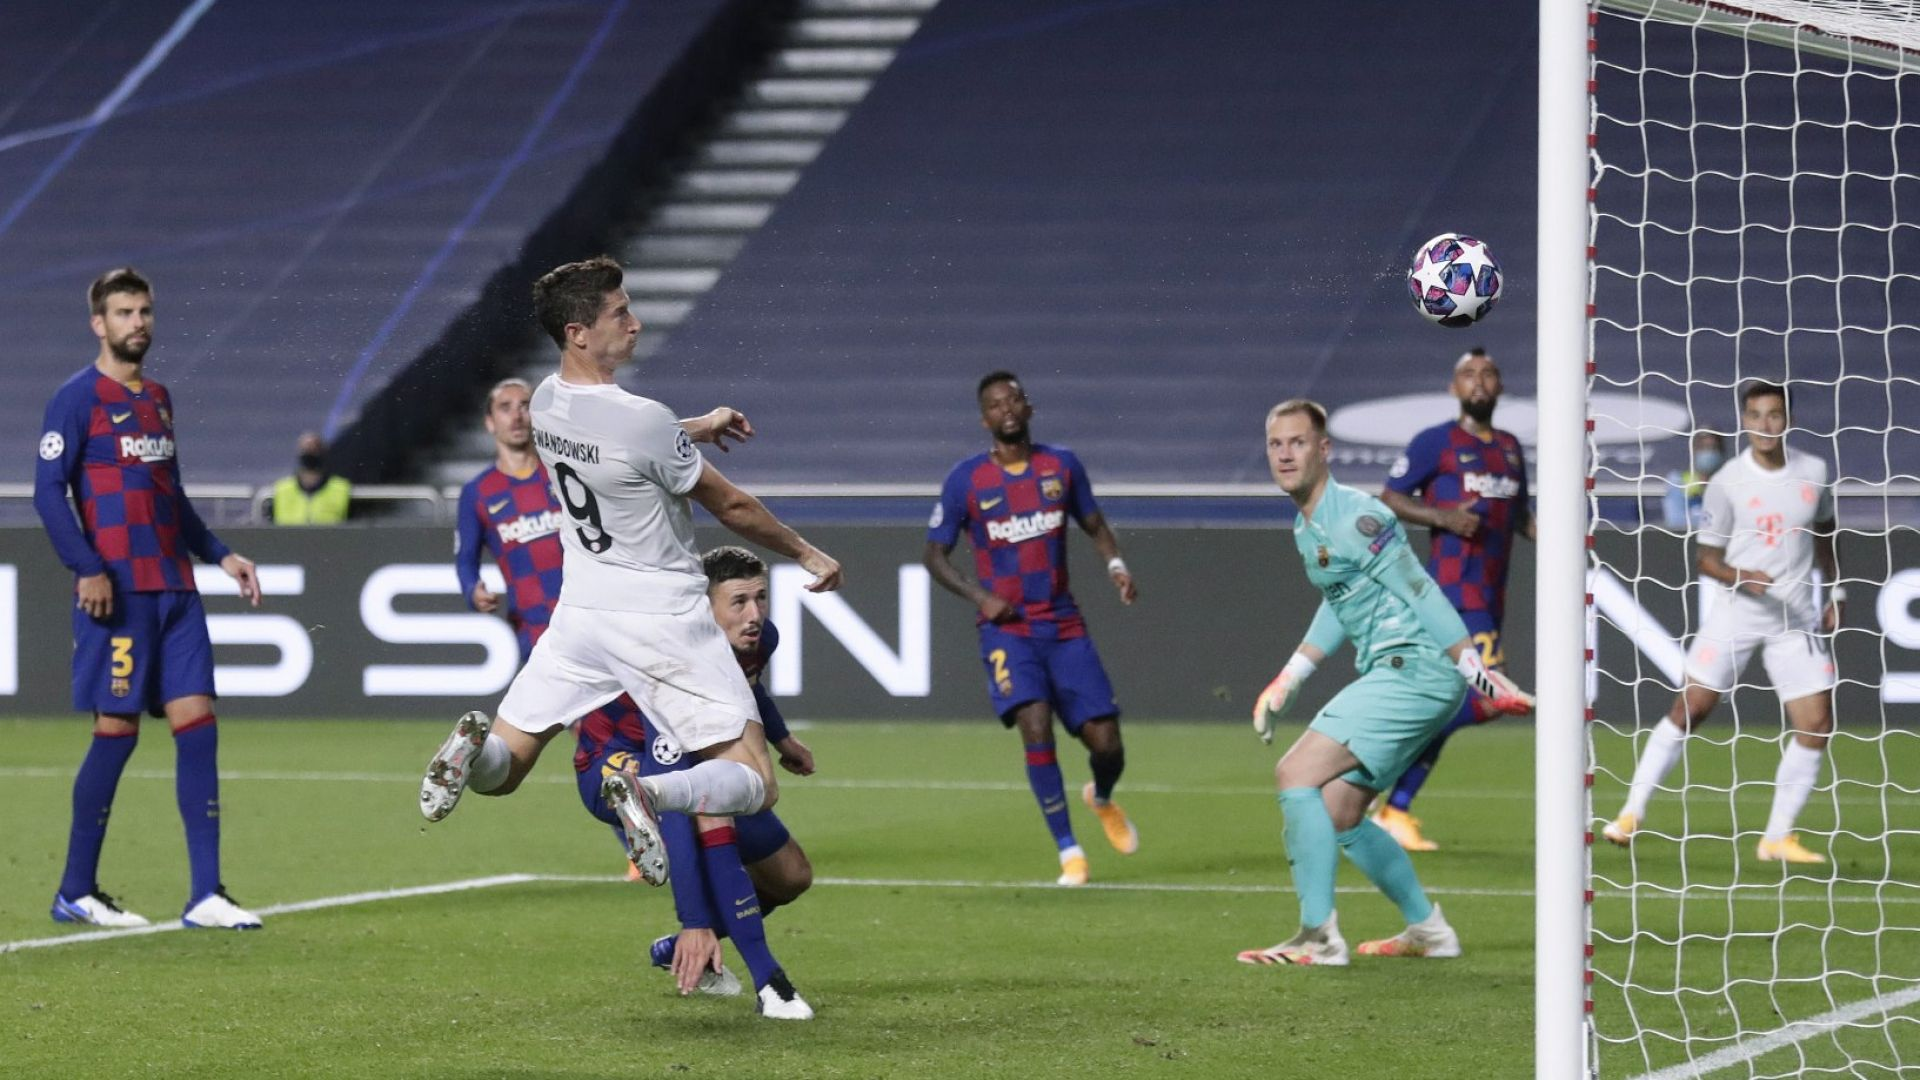 Днес в Шампионска лига: Барселона ще търси реванш за незабравимия нокдаун с 2:8